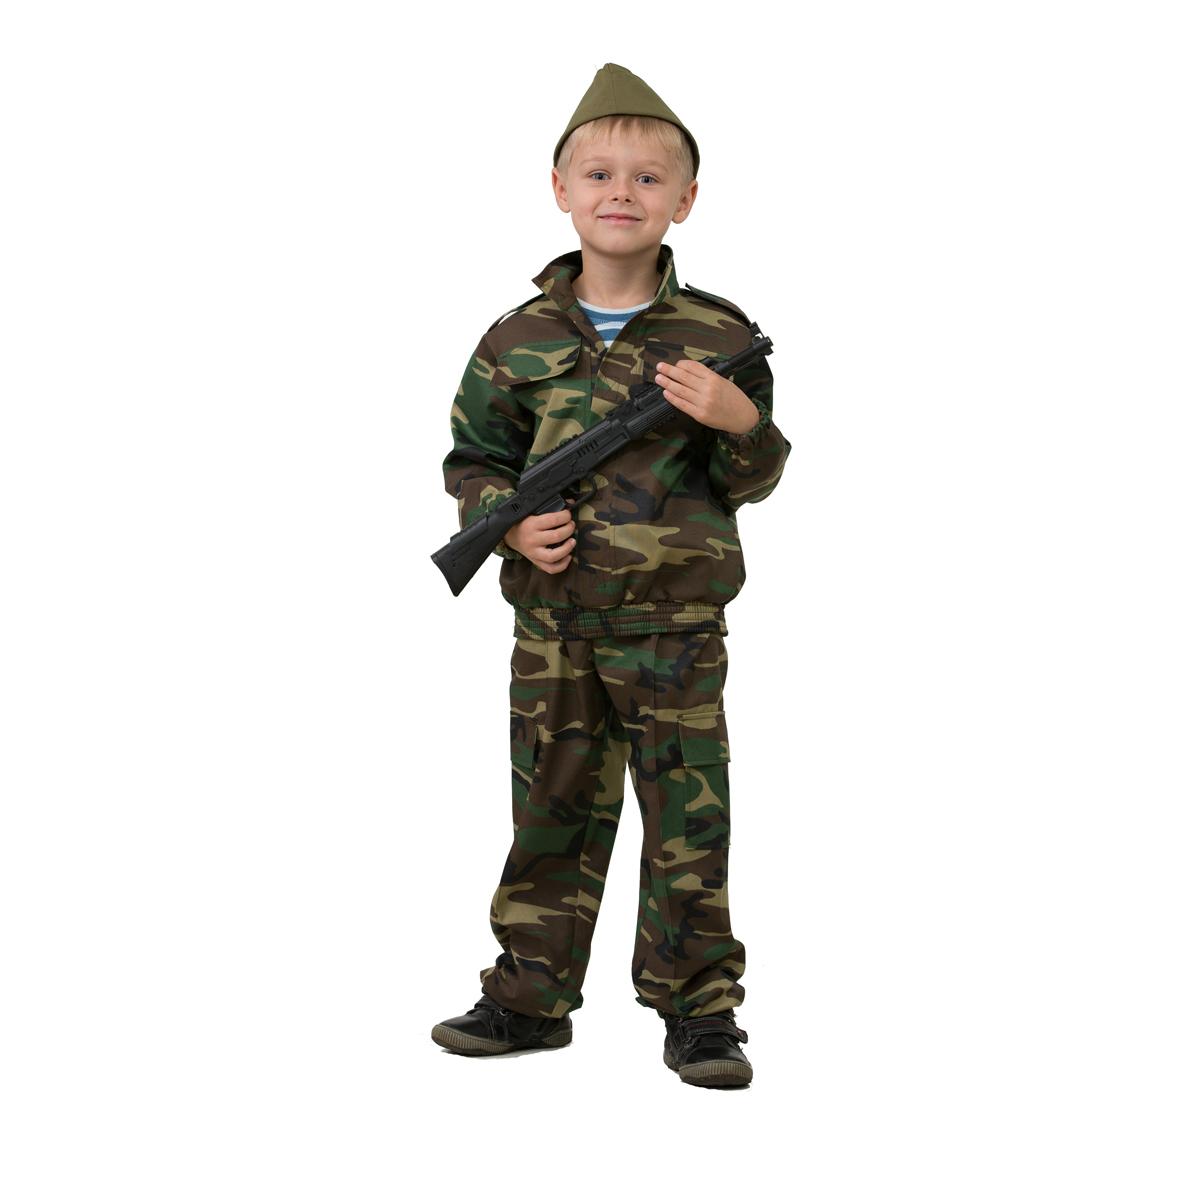 Батик Костюм карнавальный для мальчика Разведчик размер 34